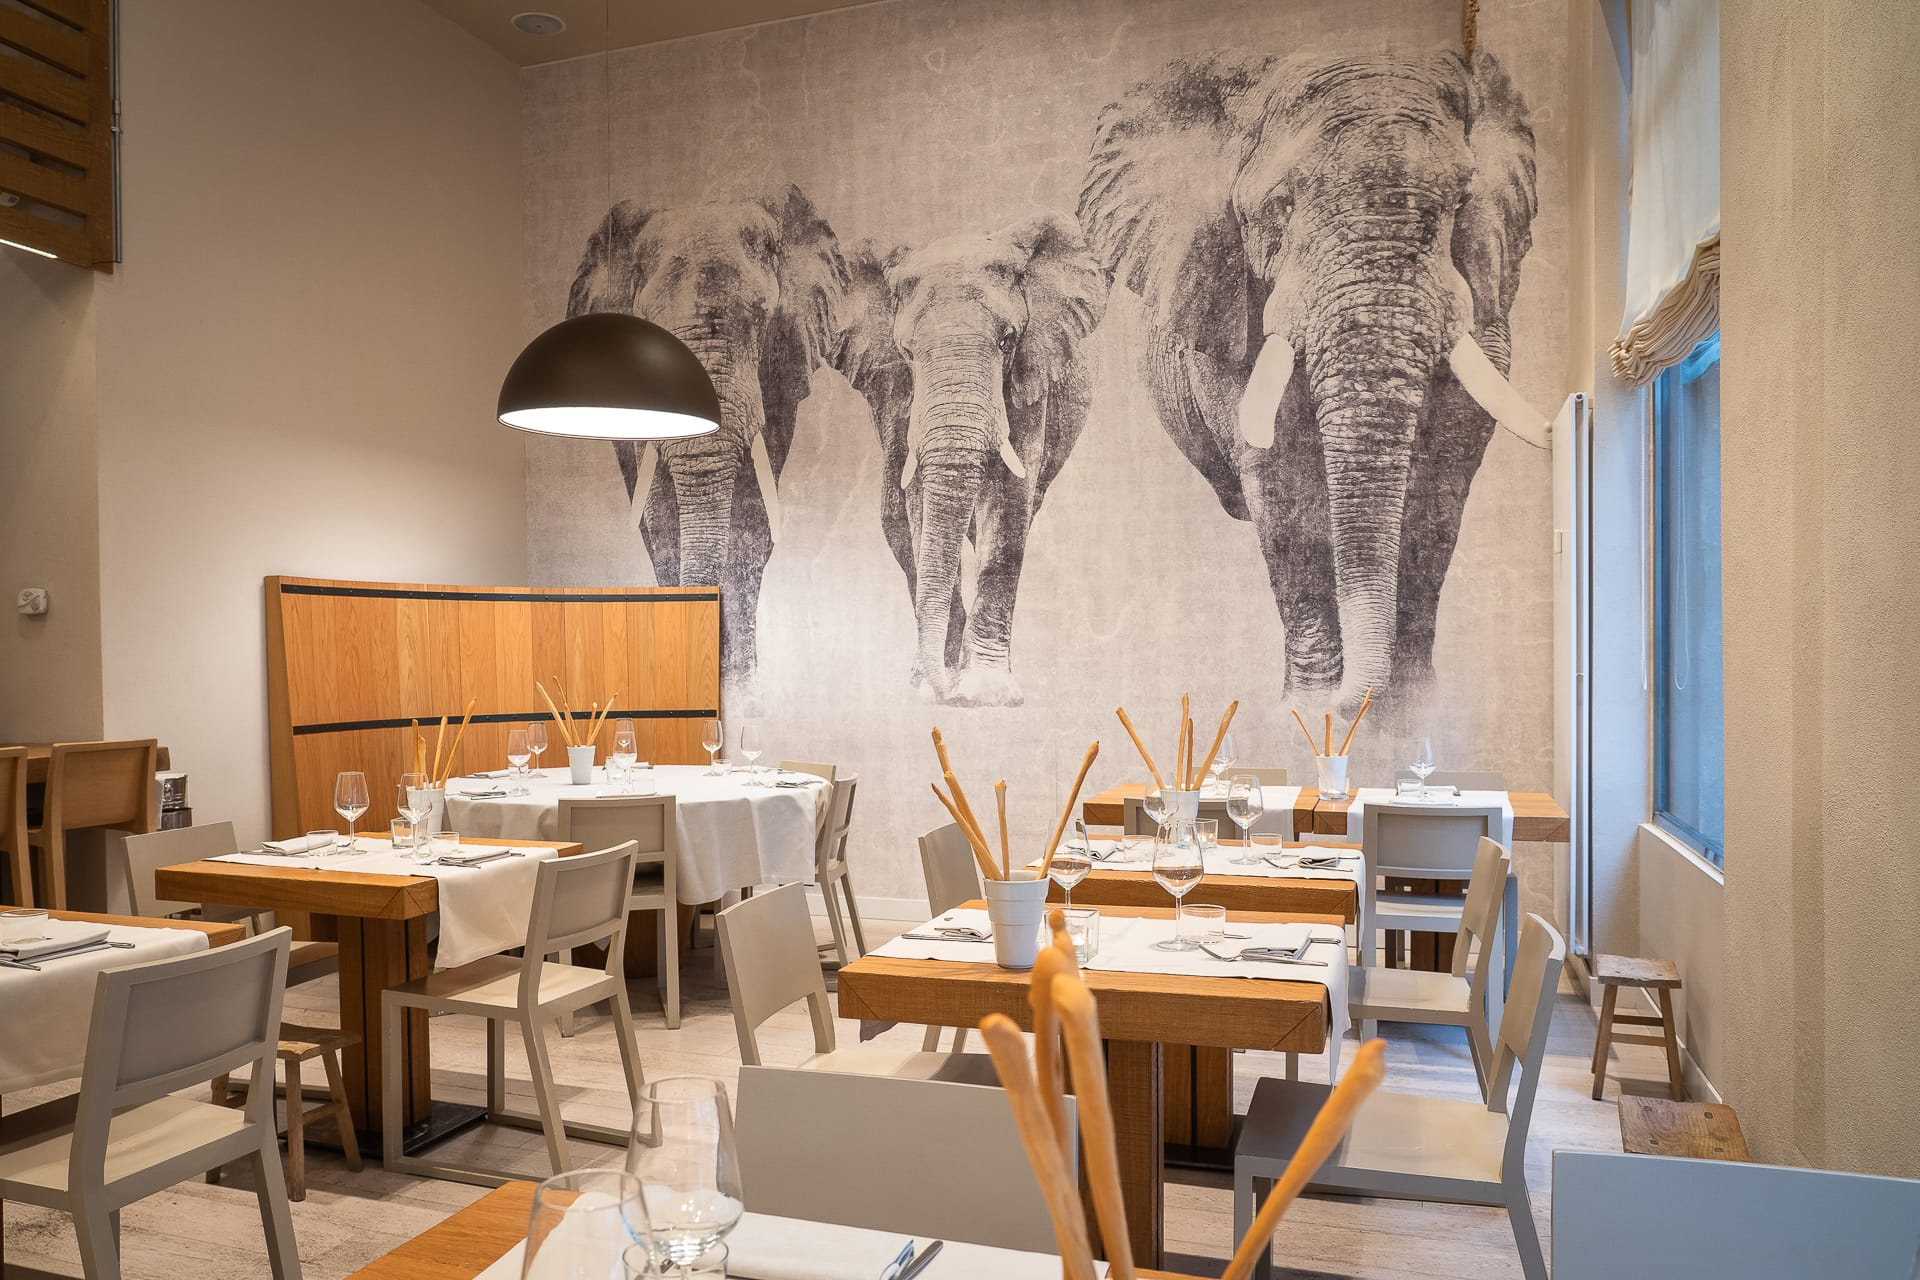 sala principale ristorante angolo 16 con tavoli apparecchiati e murales di elefanti